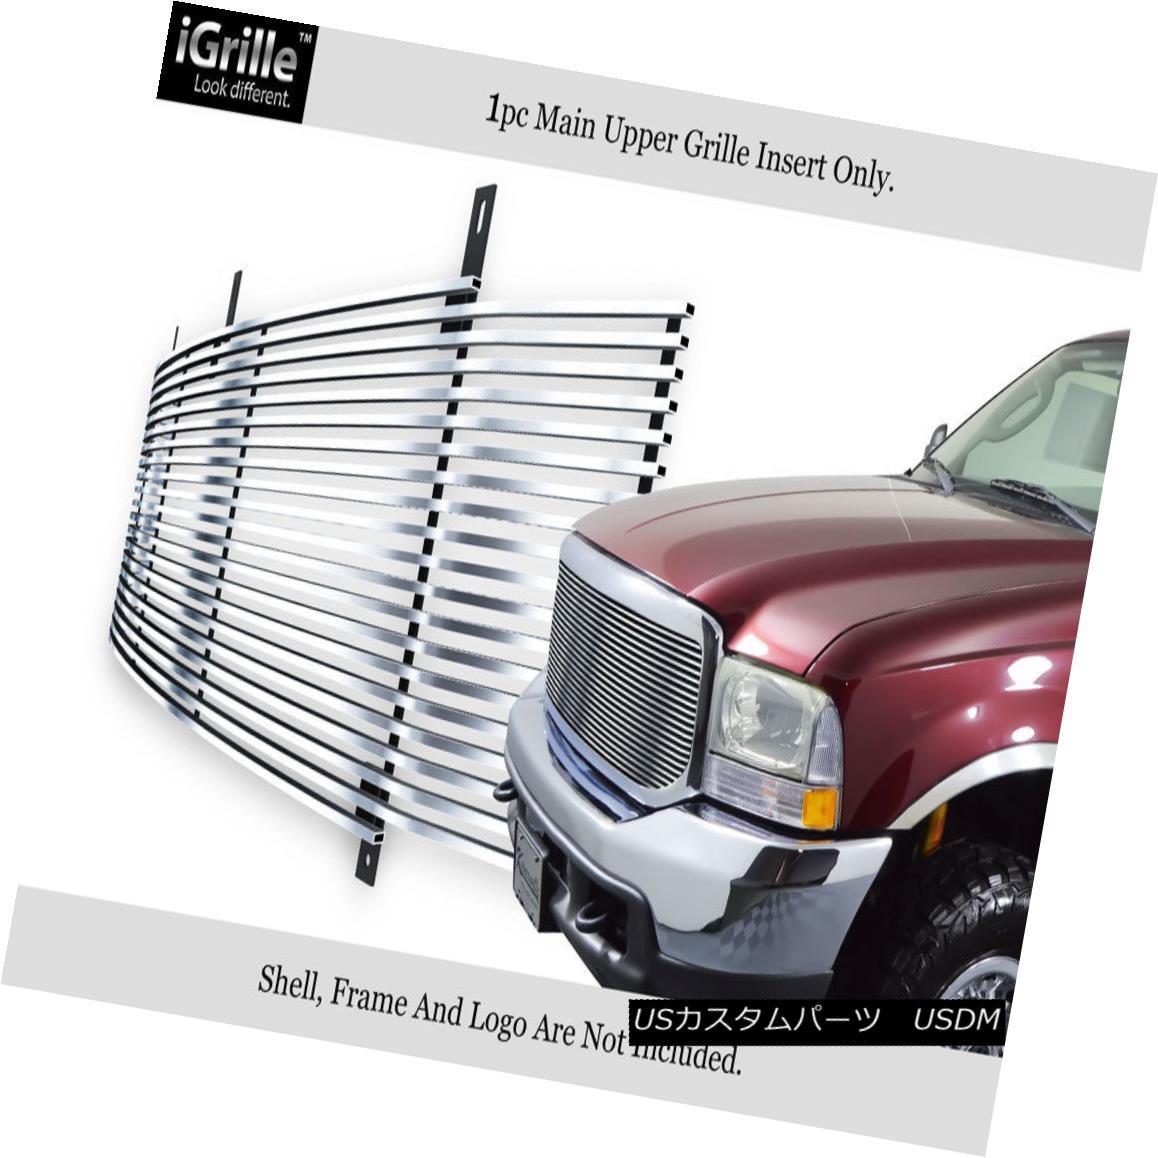 グリル For 99-04 00 Ford F250 F350 SuperDuty Stainless Steel Billet Grille Grill 99-04 00 Ford F250 F350 SuperDutyステンレス鋼ビレットグリルグリル用